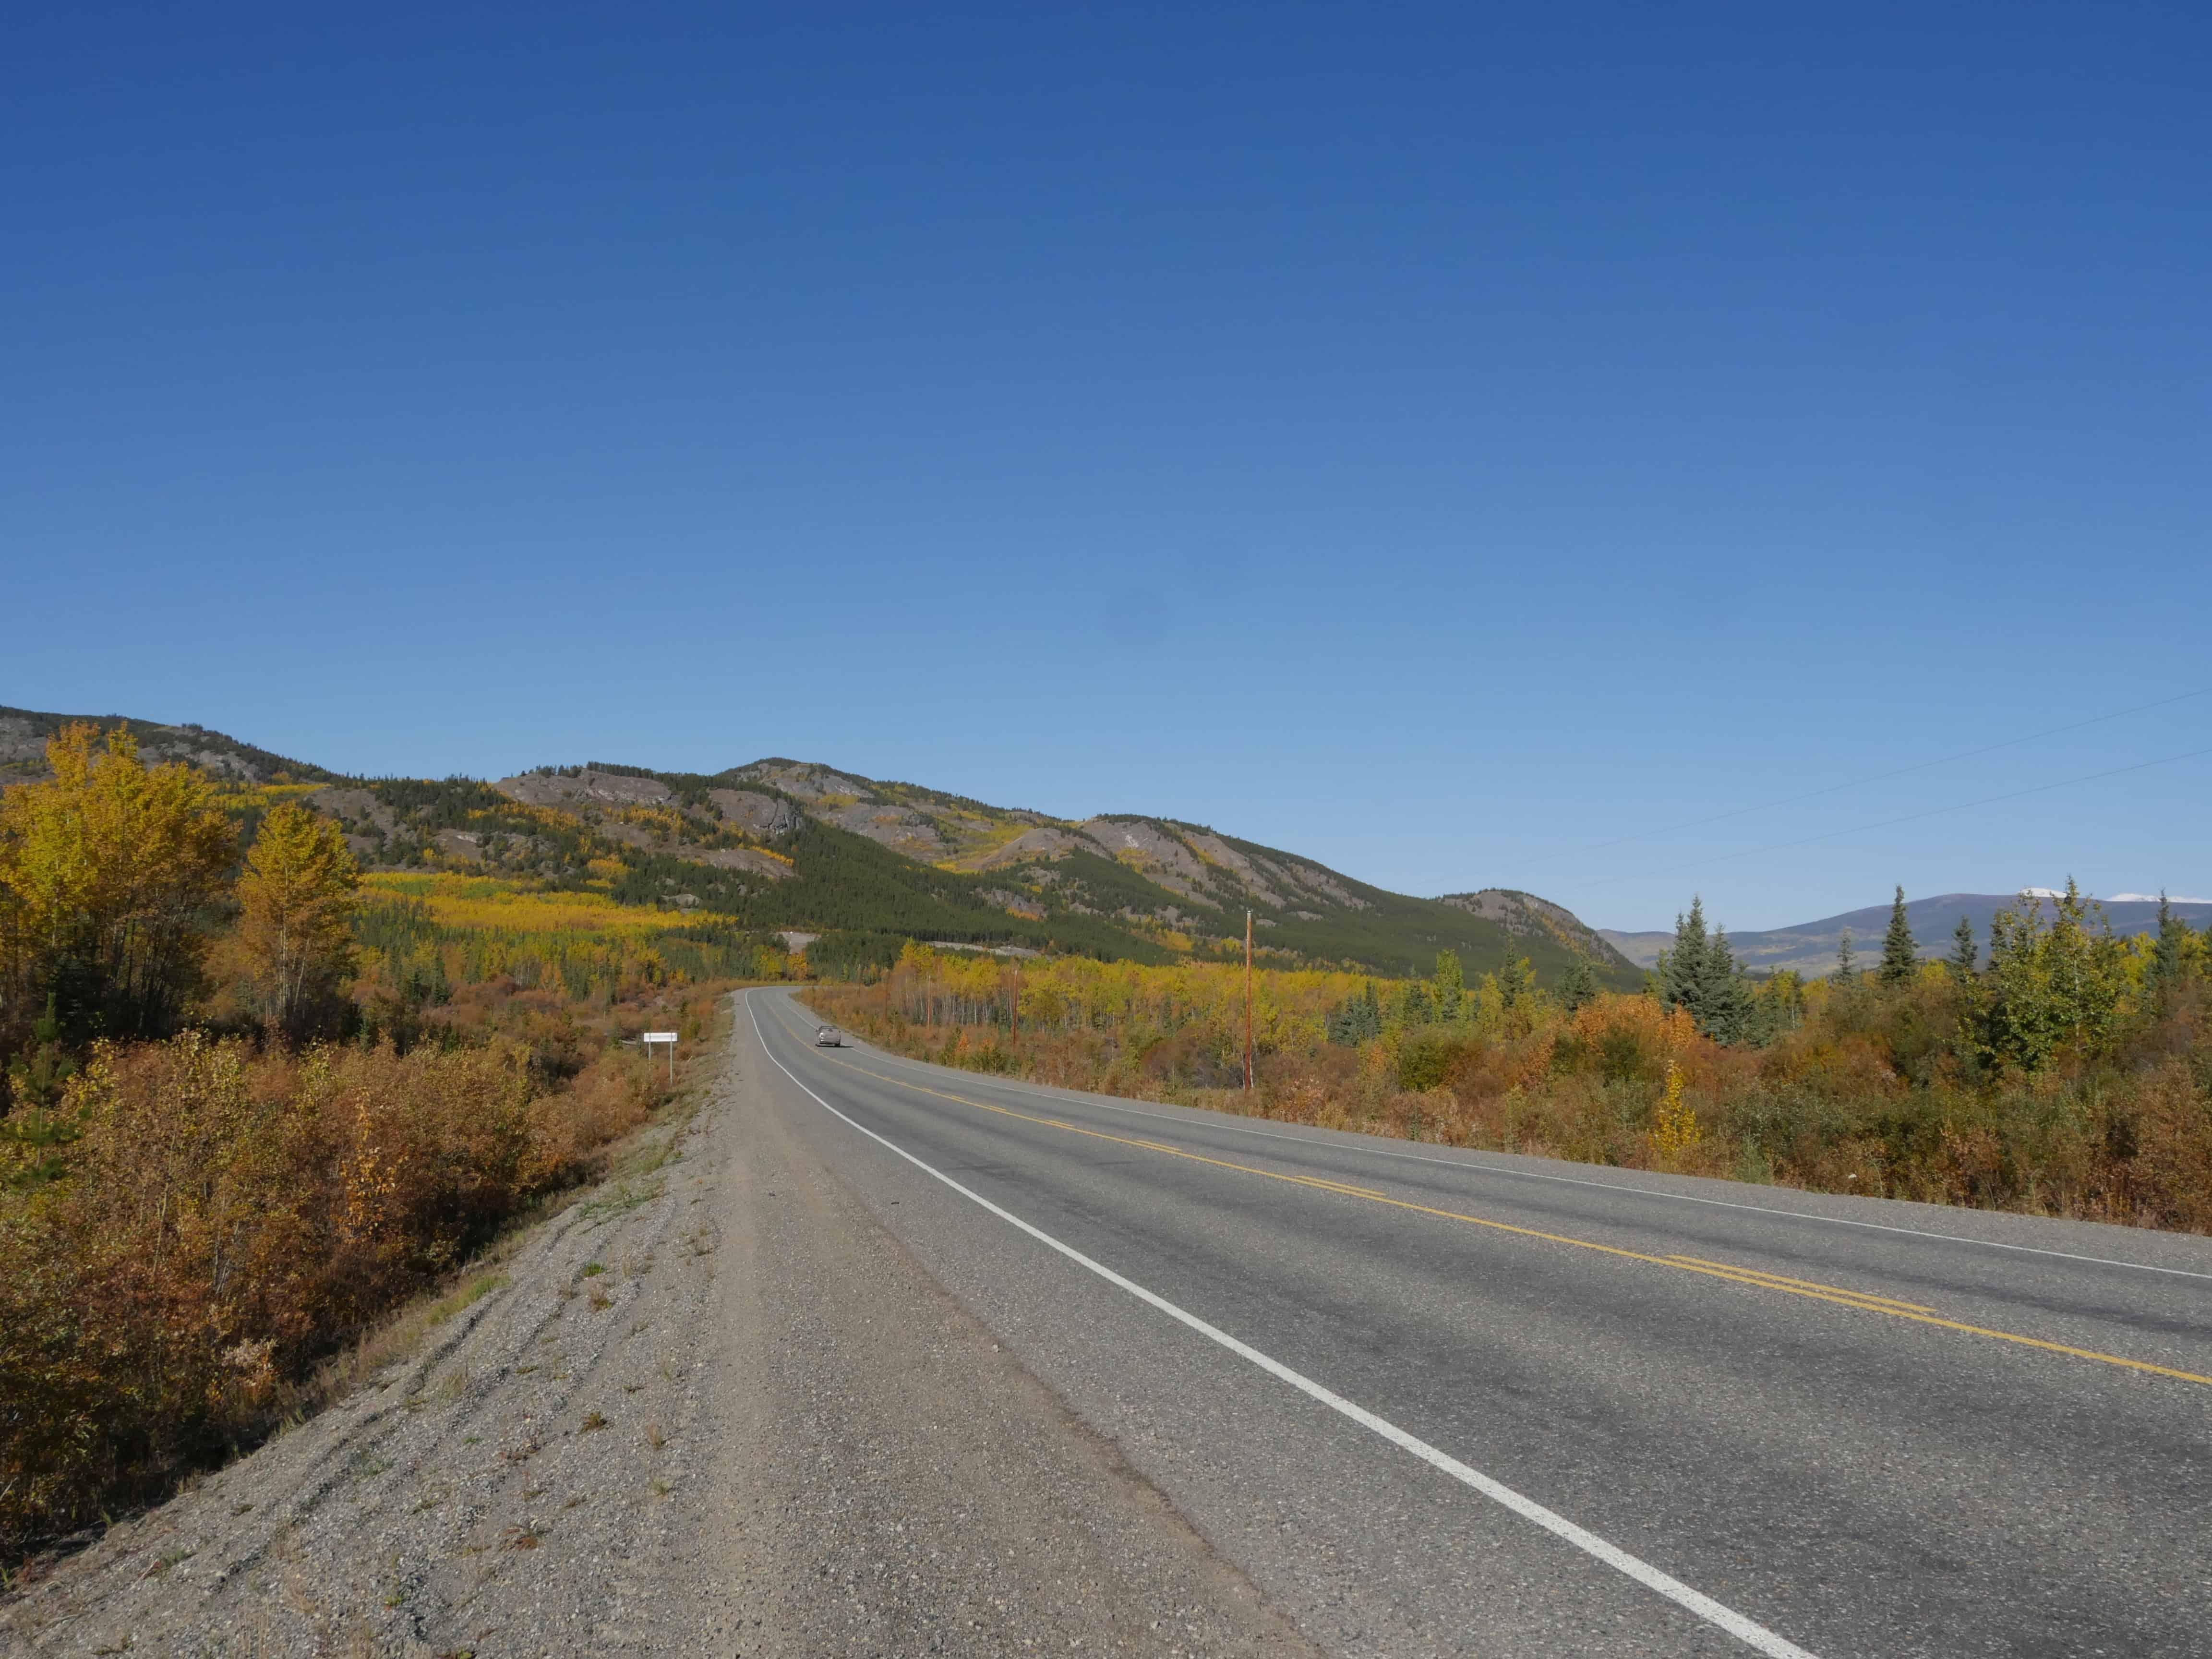 Unendlich scheinende Weiten in Kanada. Foto apr/FaszinationKanada